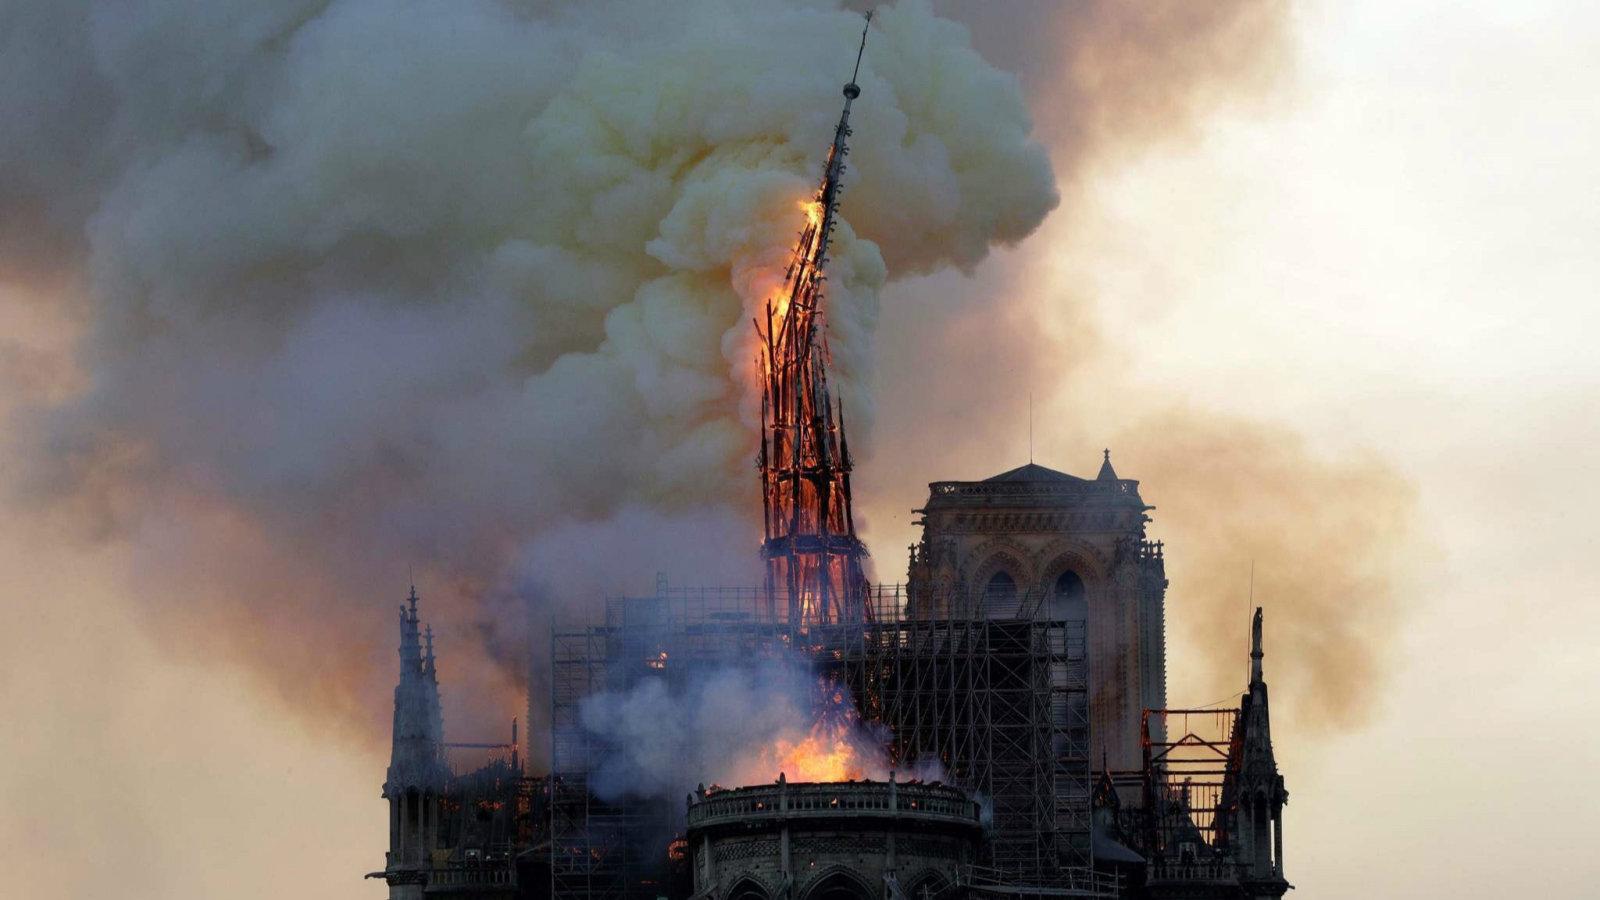 巴黎圣母院于北京时间今日凌晨发生大火,屋顶目前已经全面坍塌